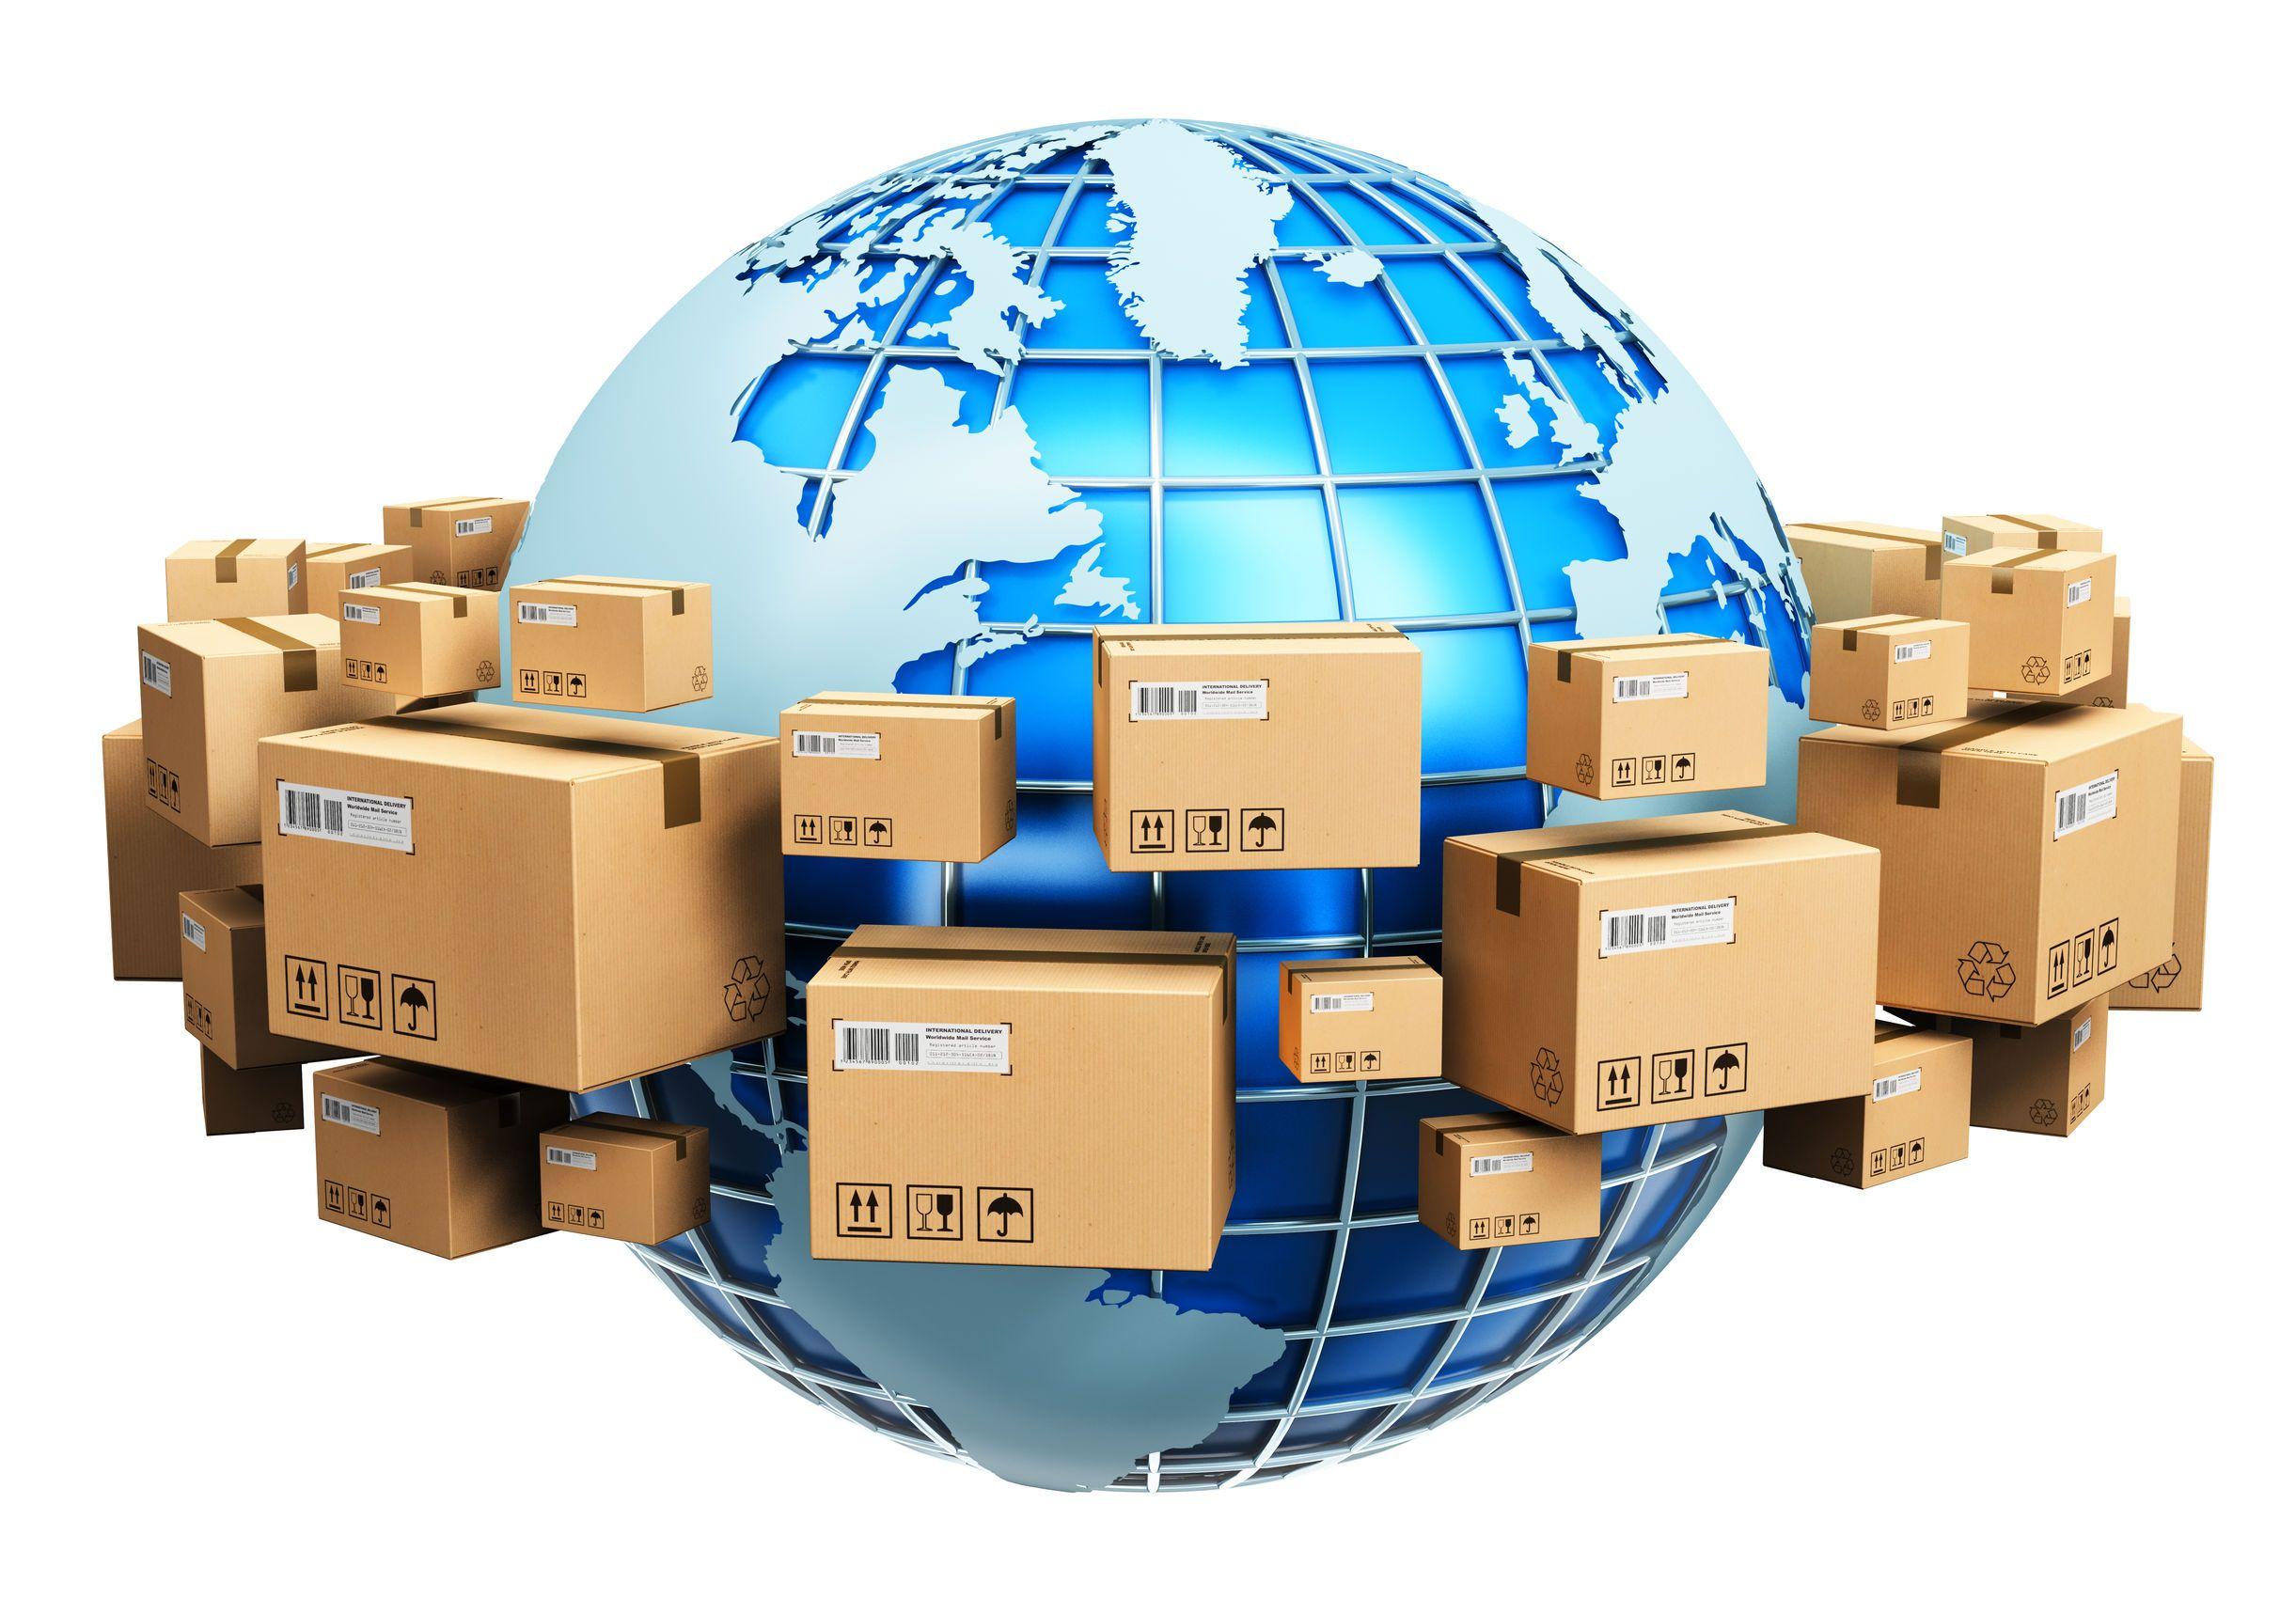 Заказ и доставка любого товара из США в Россию по вашей